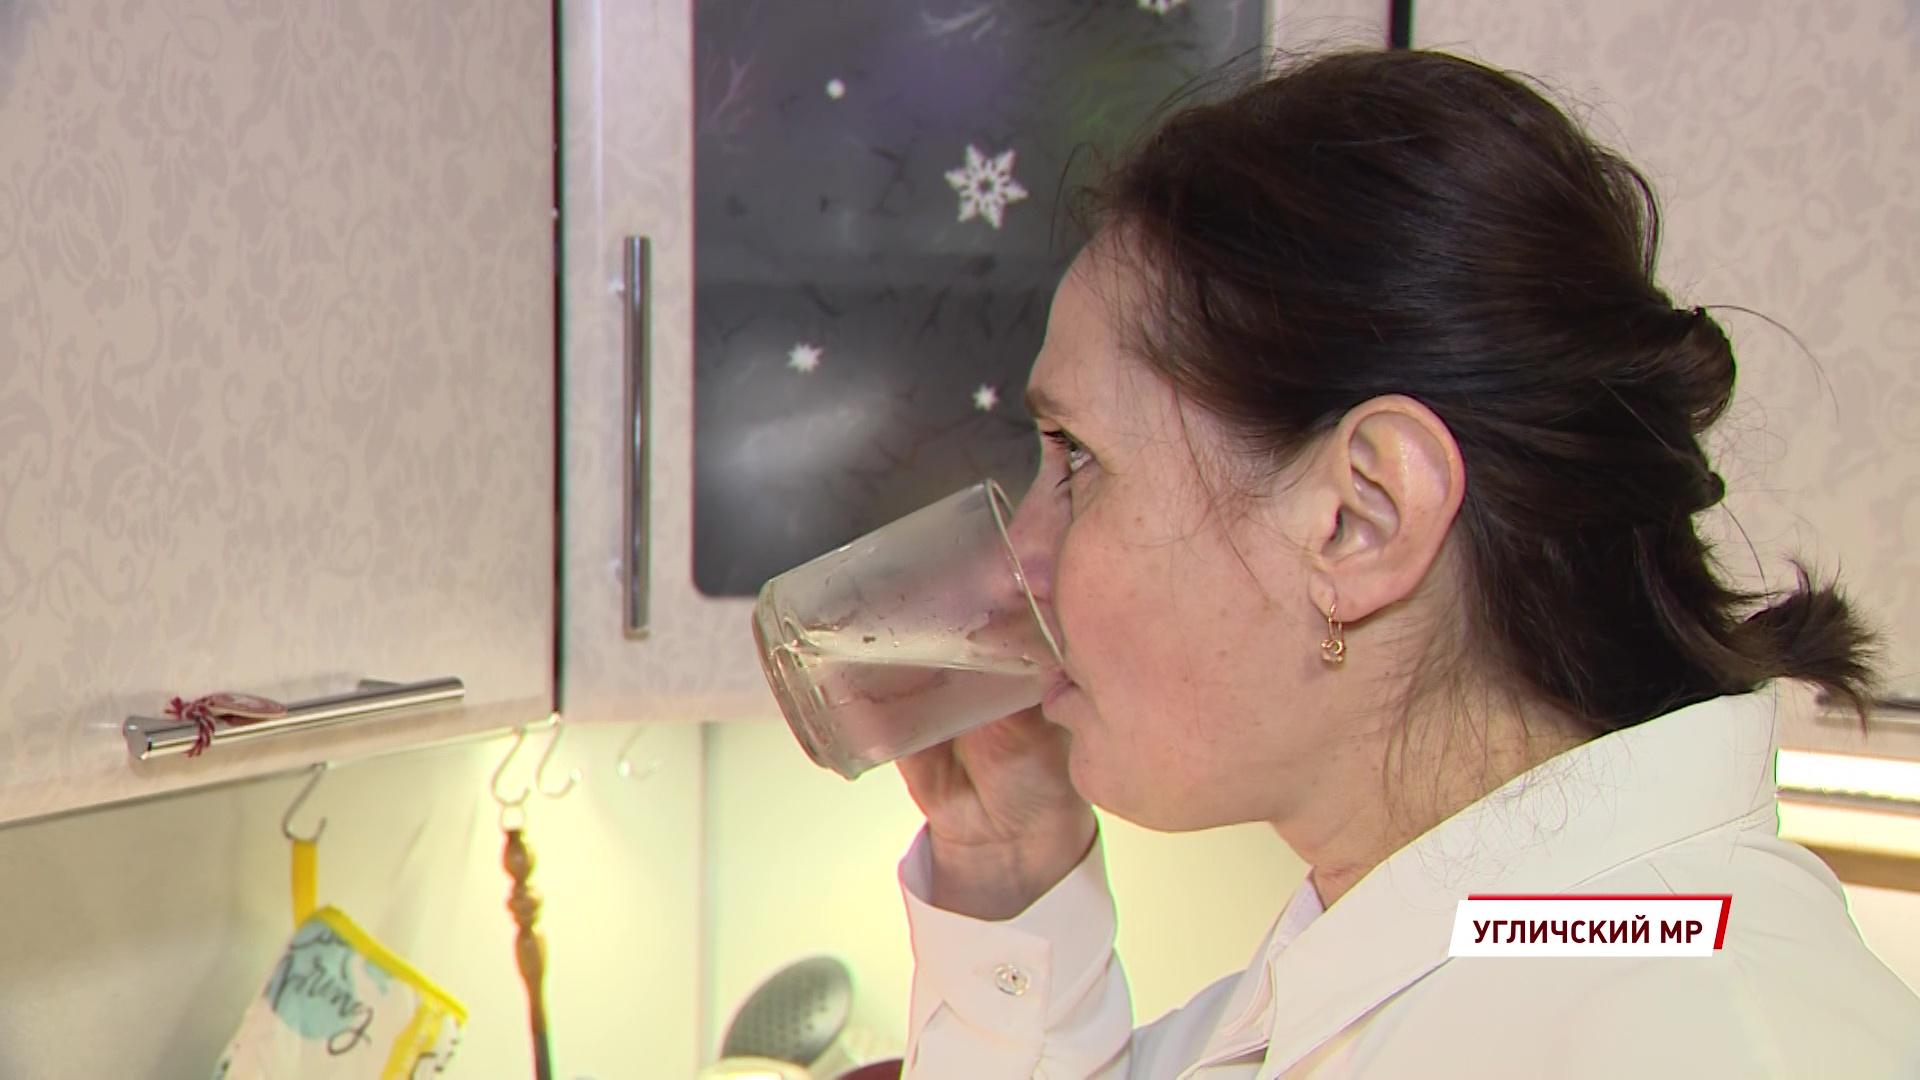 В Угличском районе продолжаются работы по улучшению качества питьевой воды